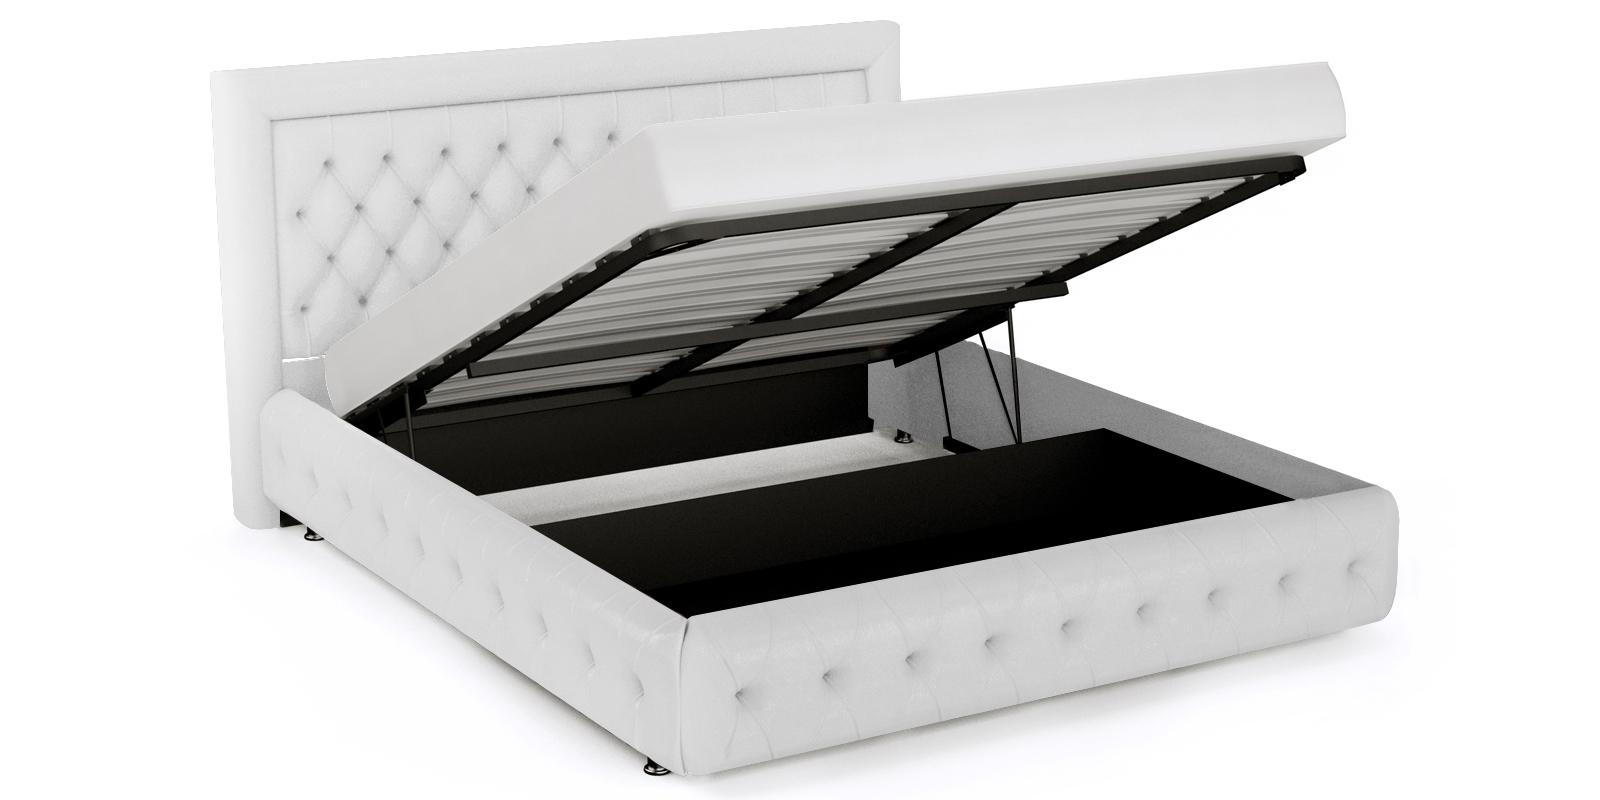 Мягкая кровать 200х160 Малибу вариант №7 с подъемным механизмом (Белый)